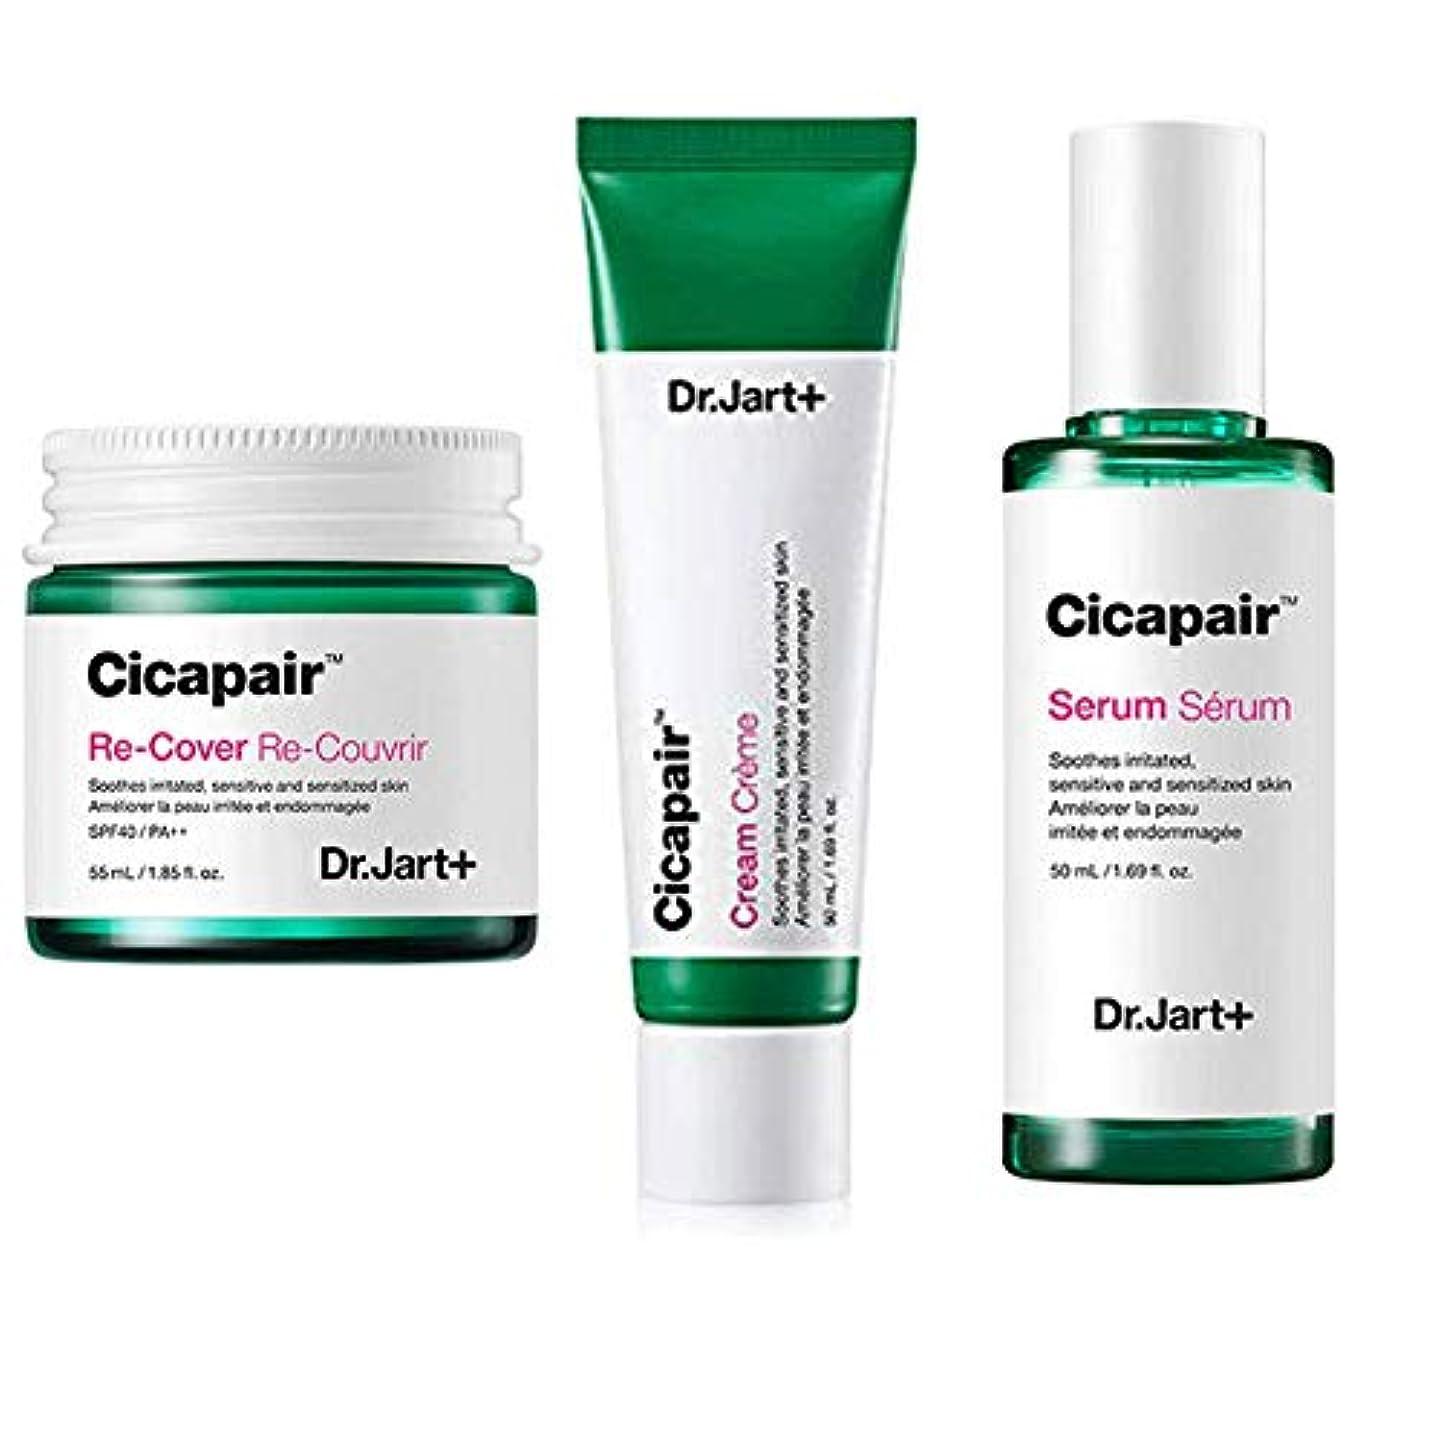 泳ぐ不機嫌階層Dr.Jart+ Cicapair Cream + ReCover + Serum ドクタージャルトシカペアクリーム50ml + リカバー 55ml + セラム 50ml(2代目) セット [並行輸入品]